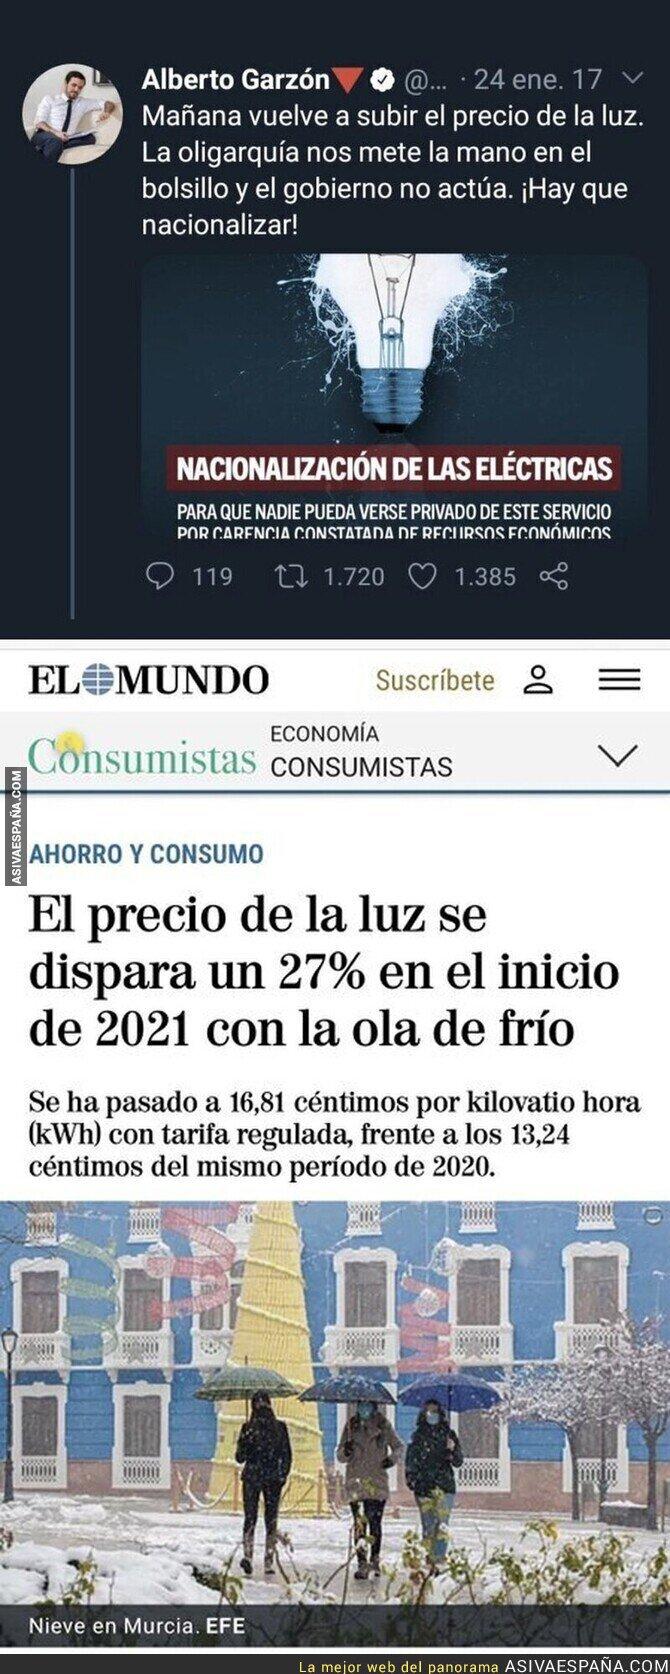 539677 - Ojalá Alberto Garzón fuese Ministro de Consumo y pudiese hacer algo